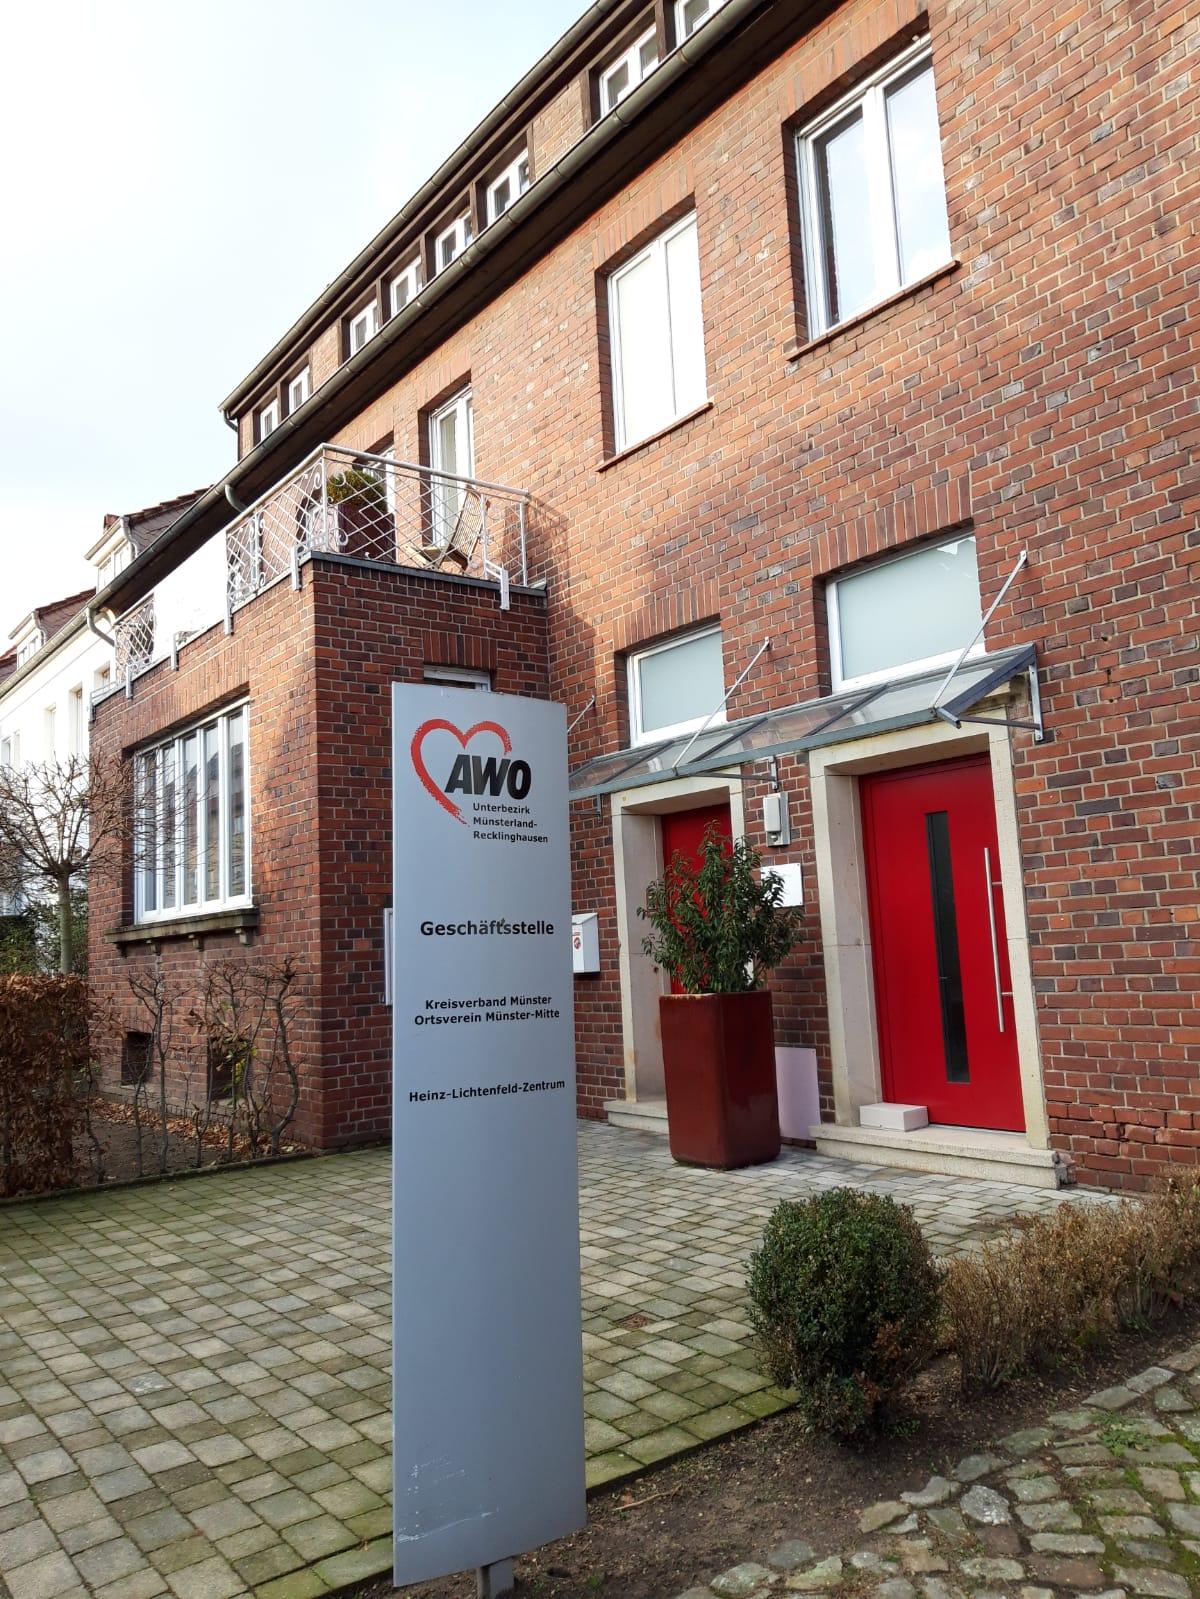 Das Bild zeigt den Eingang der AWO Geschäftsstelle